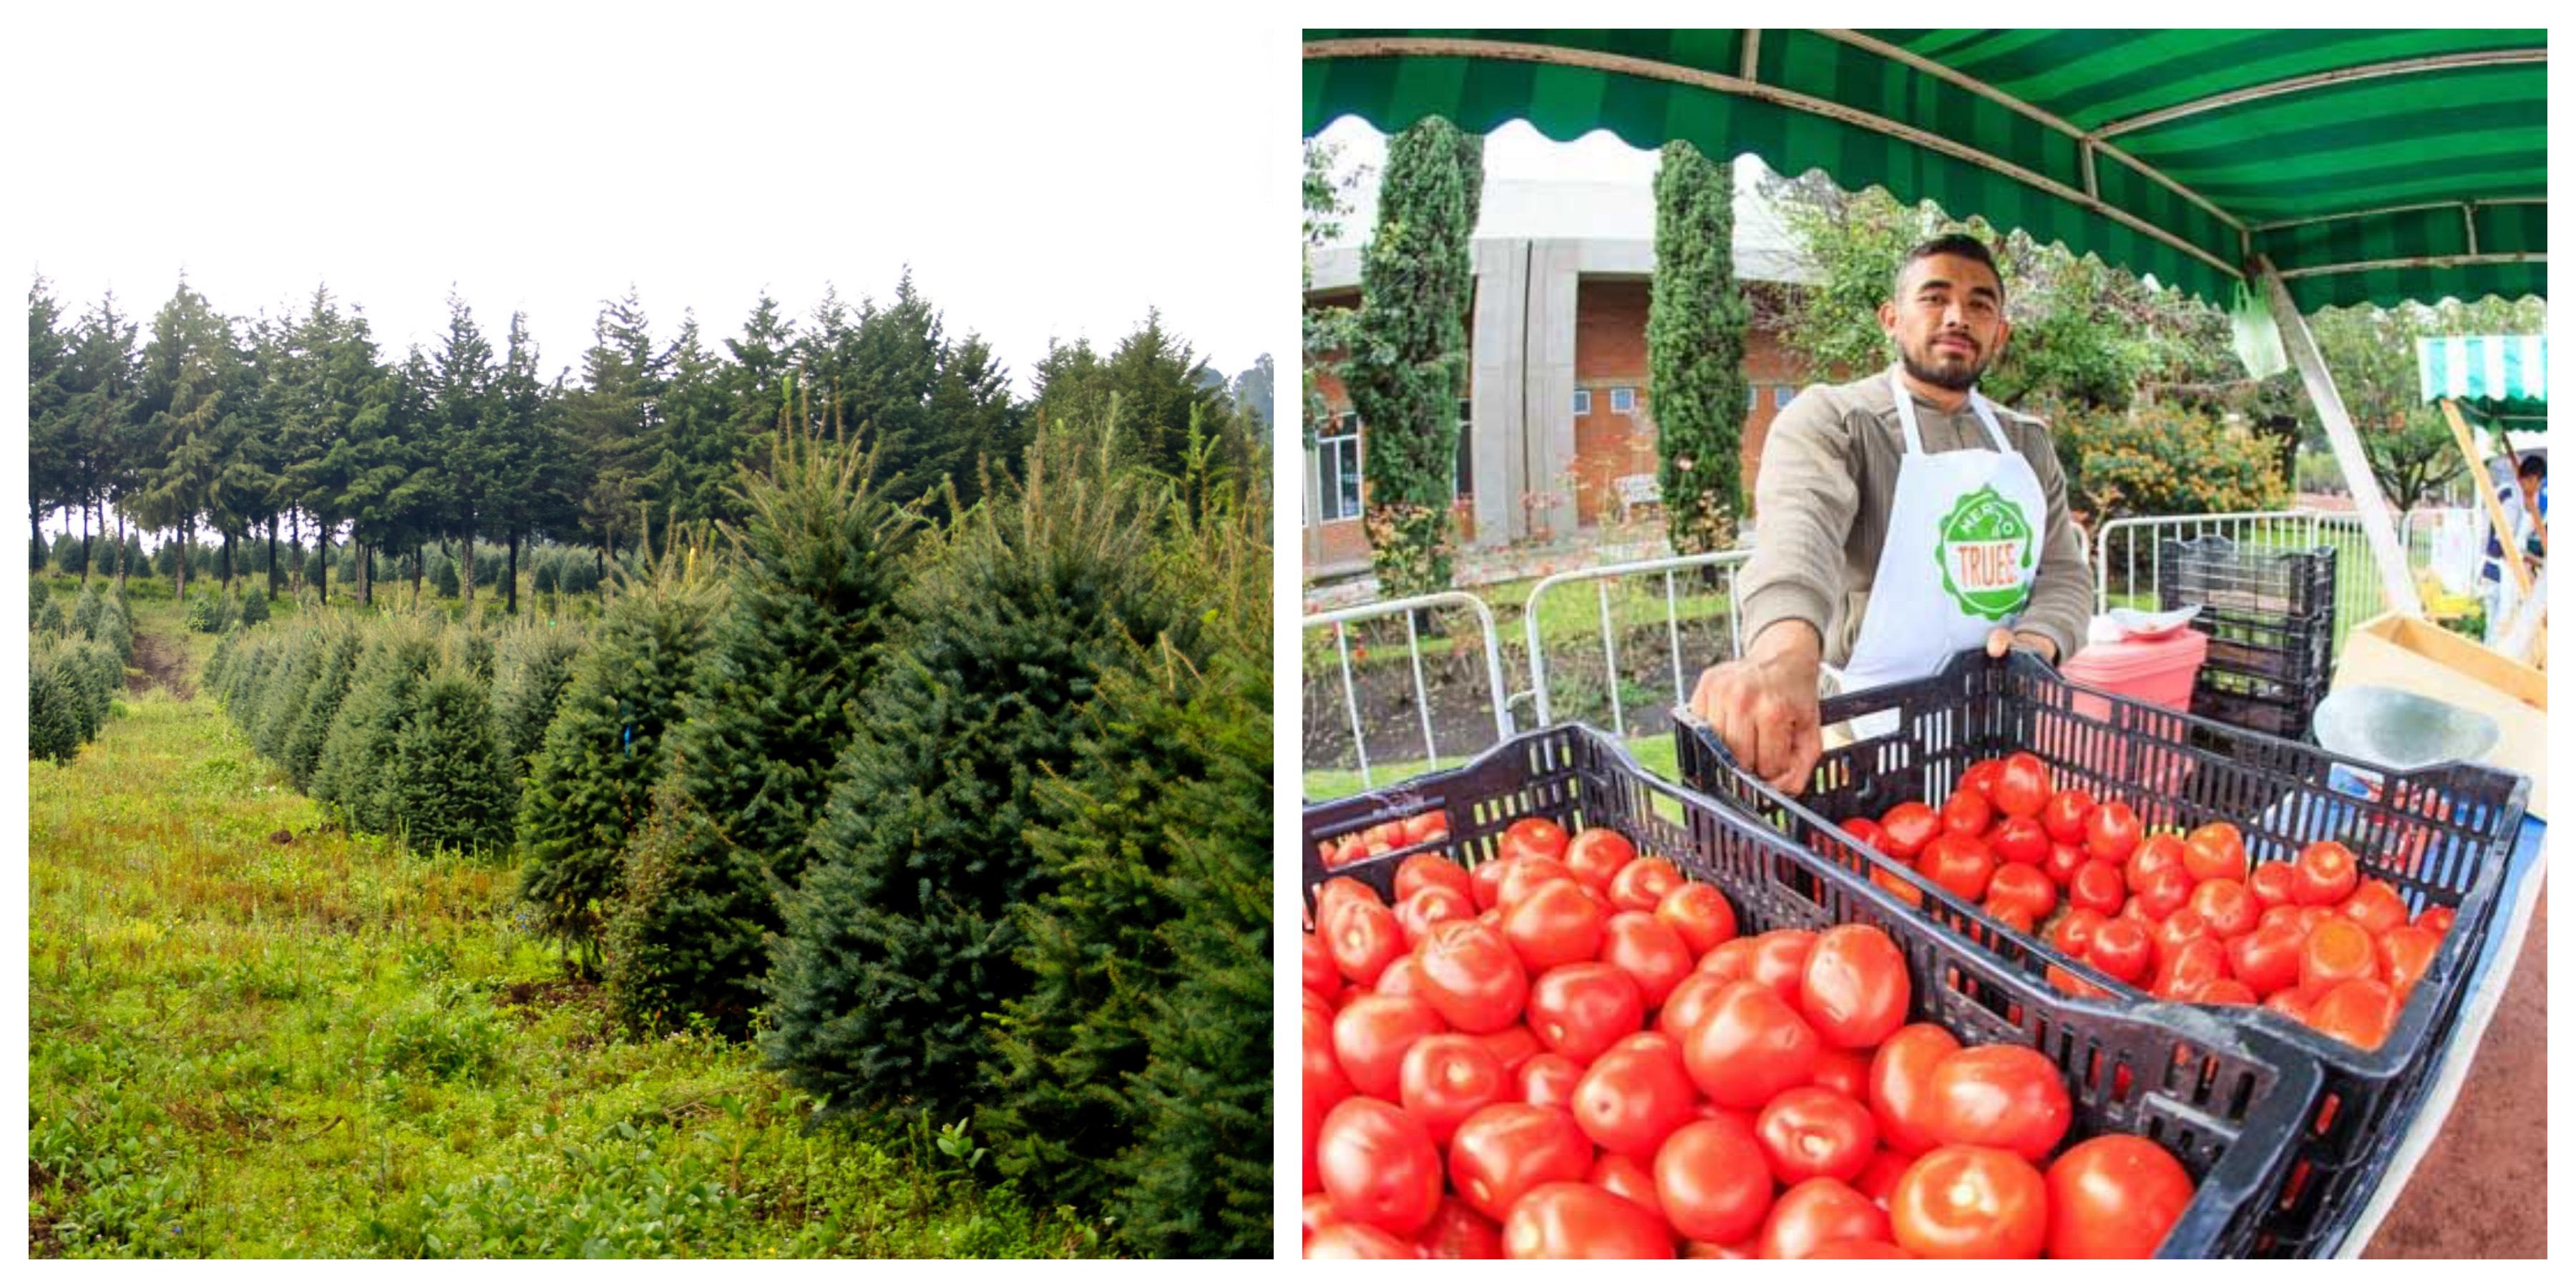 Lleva tu árbol de navidad  natural al Mercado del Trueque